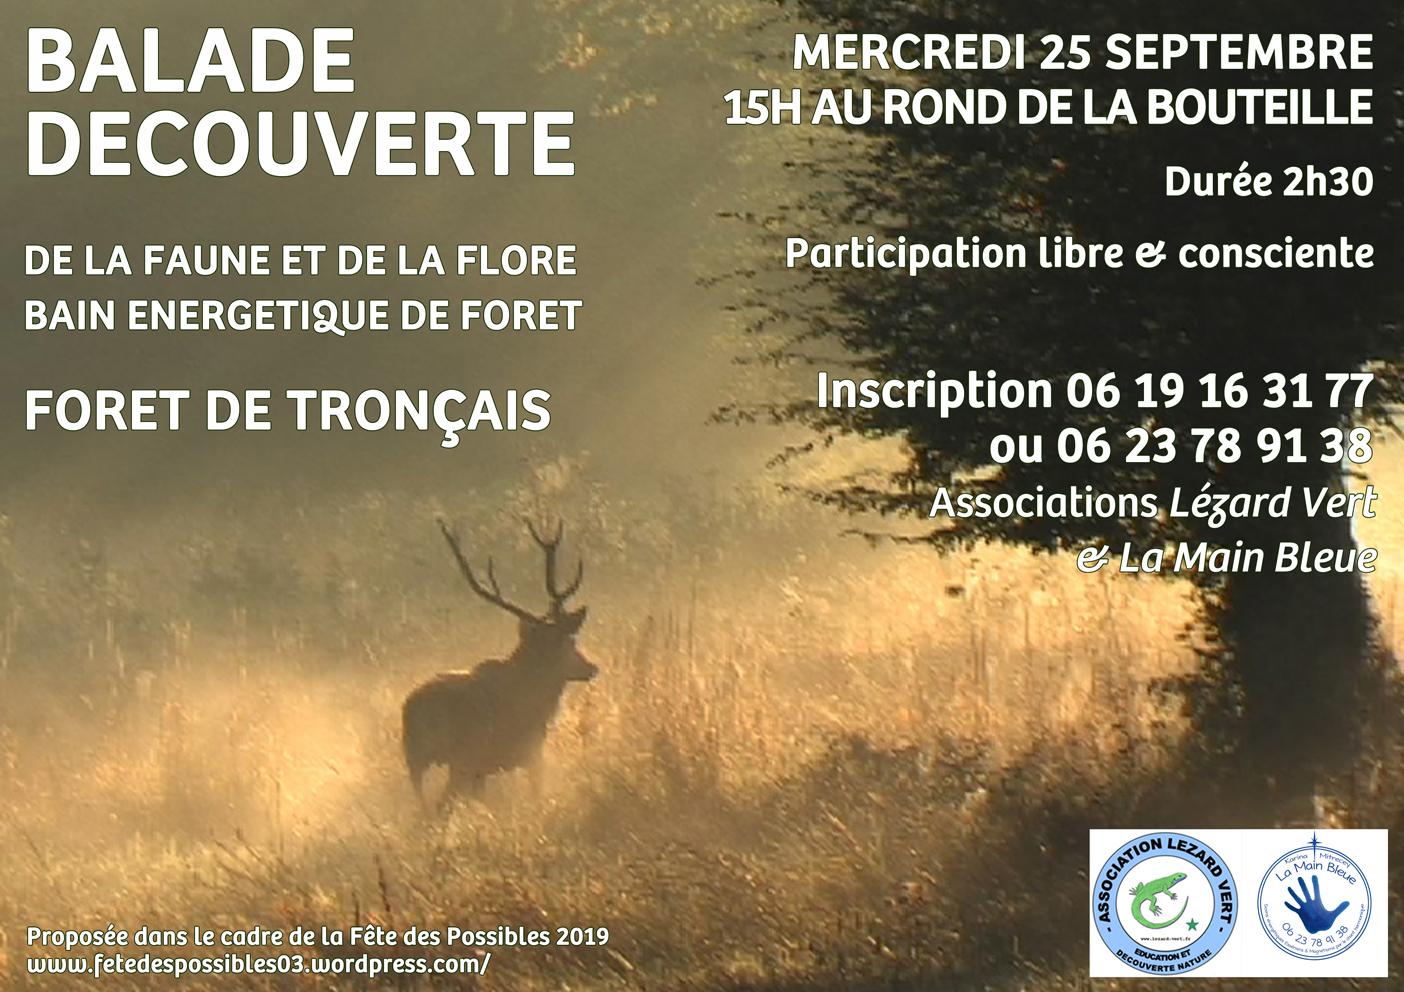 Balade découverte forêt de Tronçais